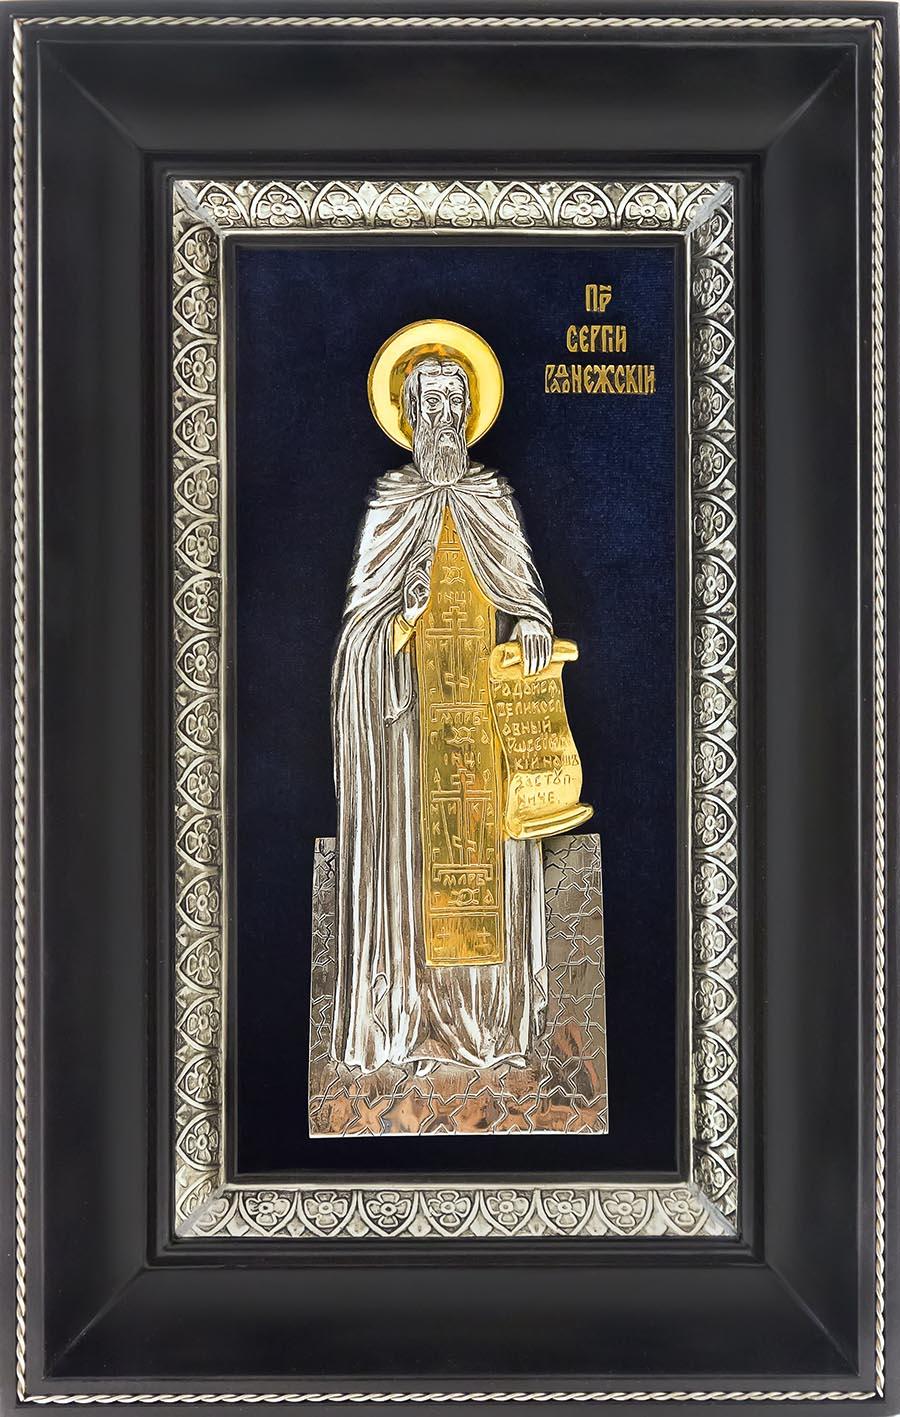 фото икона святого преподобного Сергия Радонежского гальванопластика золото серебро деревянная рамка